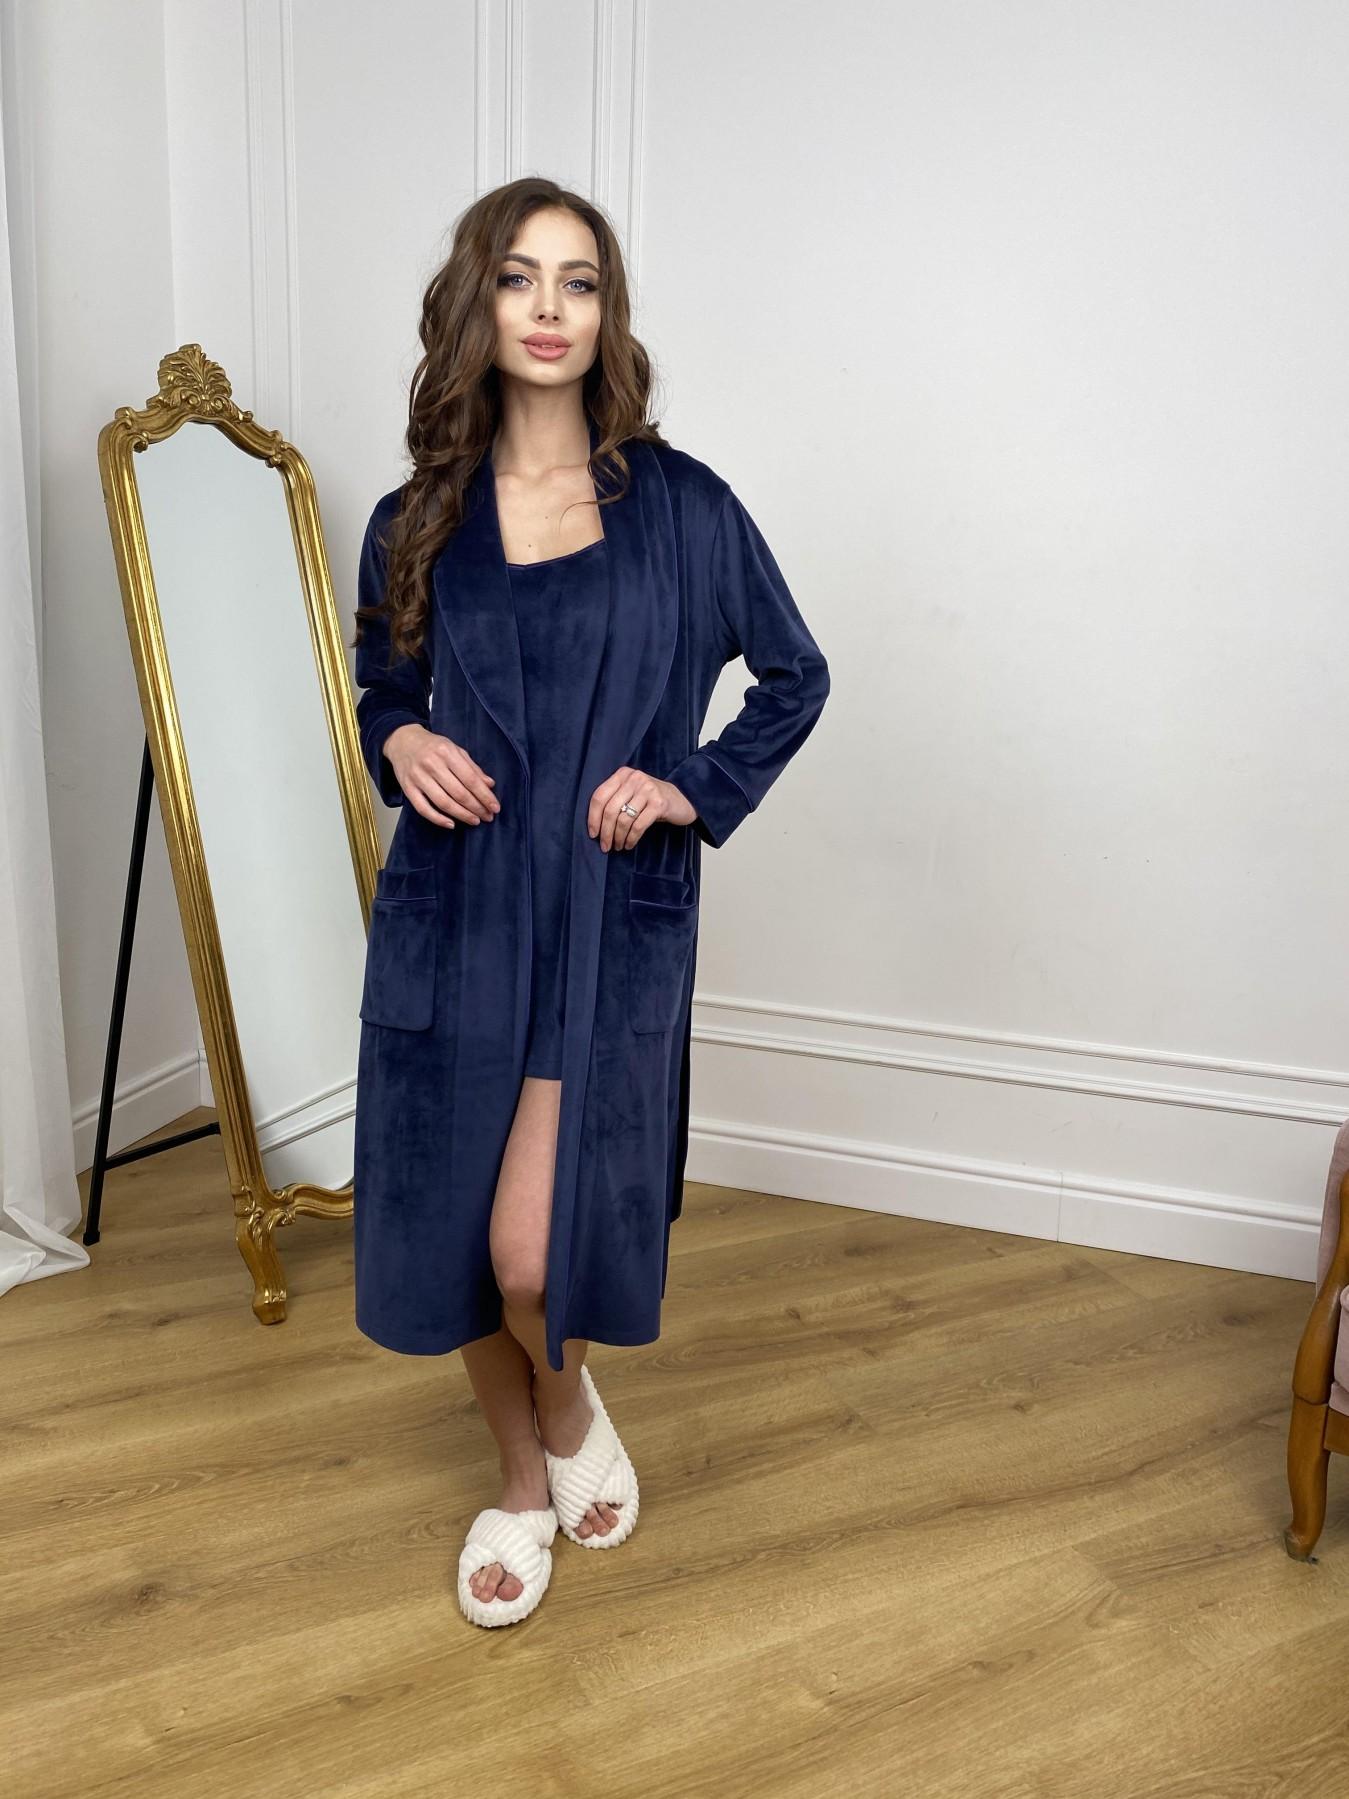 Сандрин миди халат из велюровой ткани 10510 АРТ. 46849 Цвет: т. синий - фото 1, интернет магазин tm-modus.ru